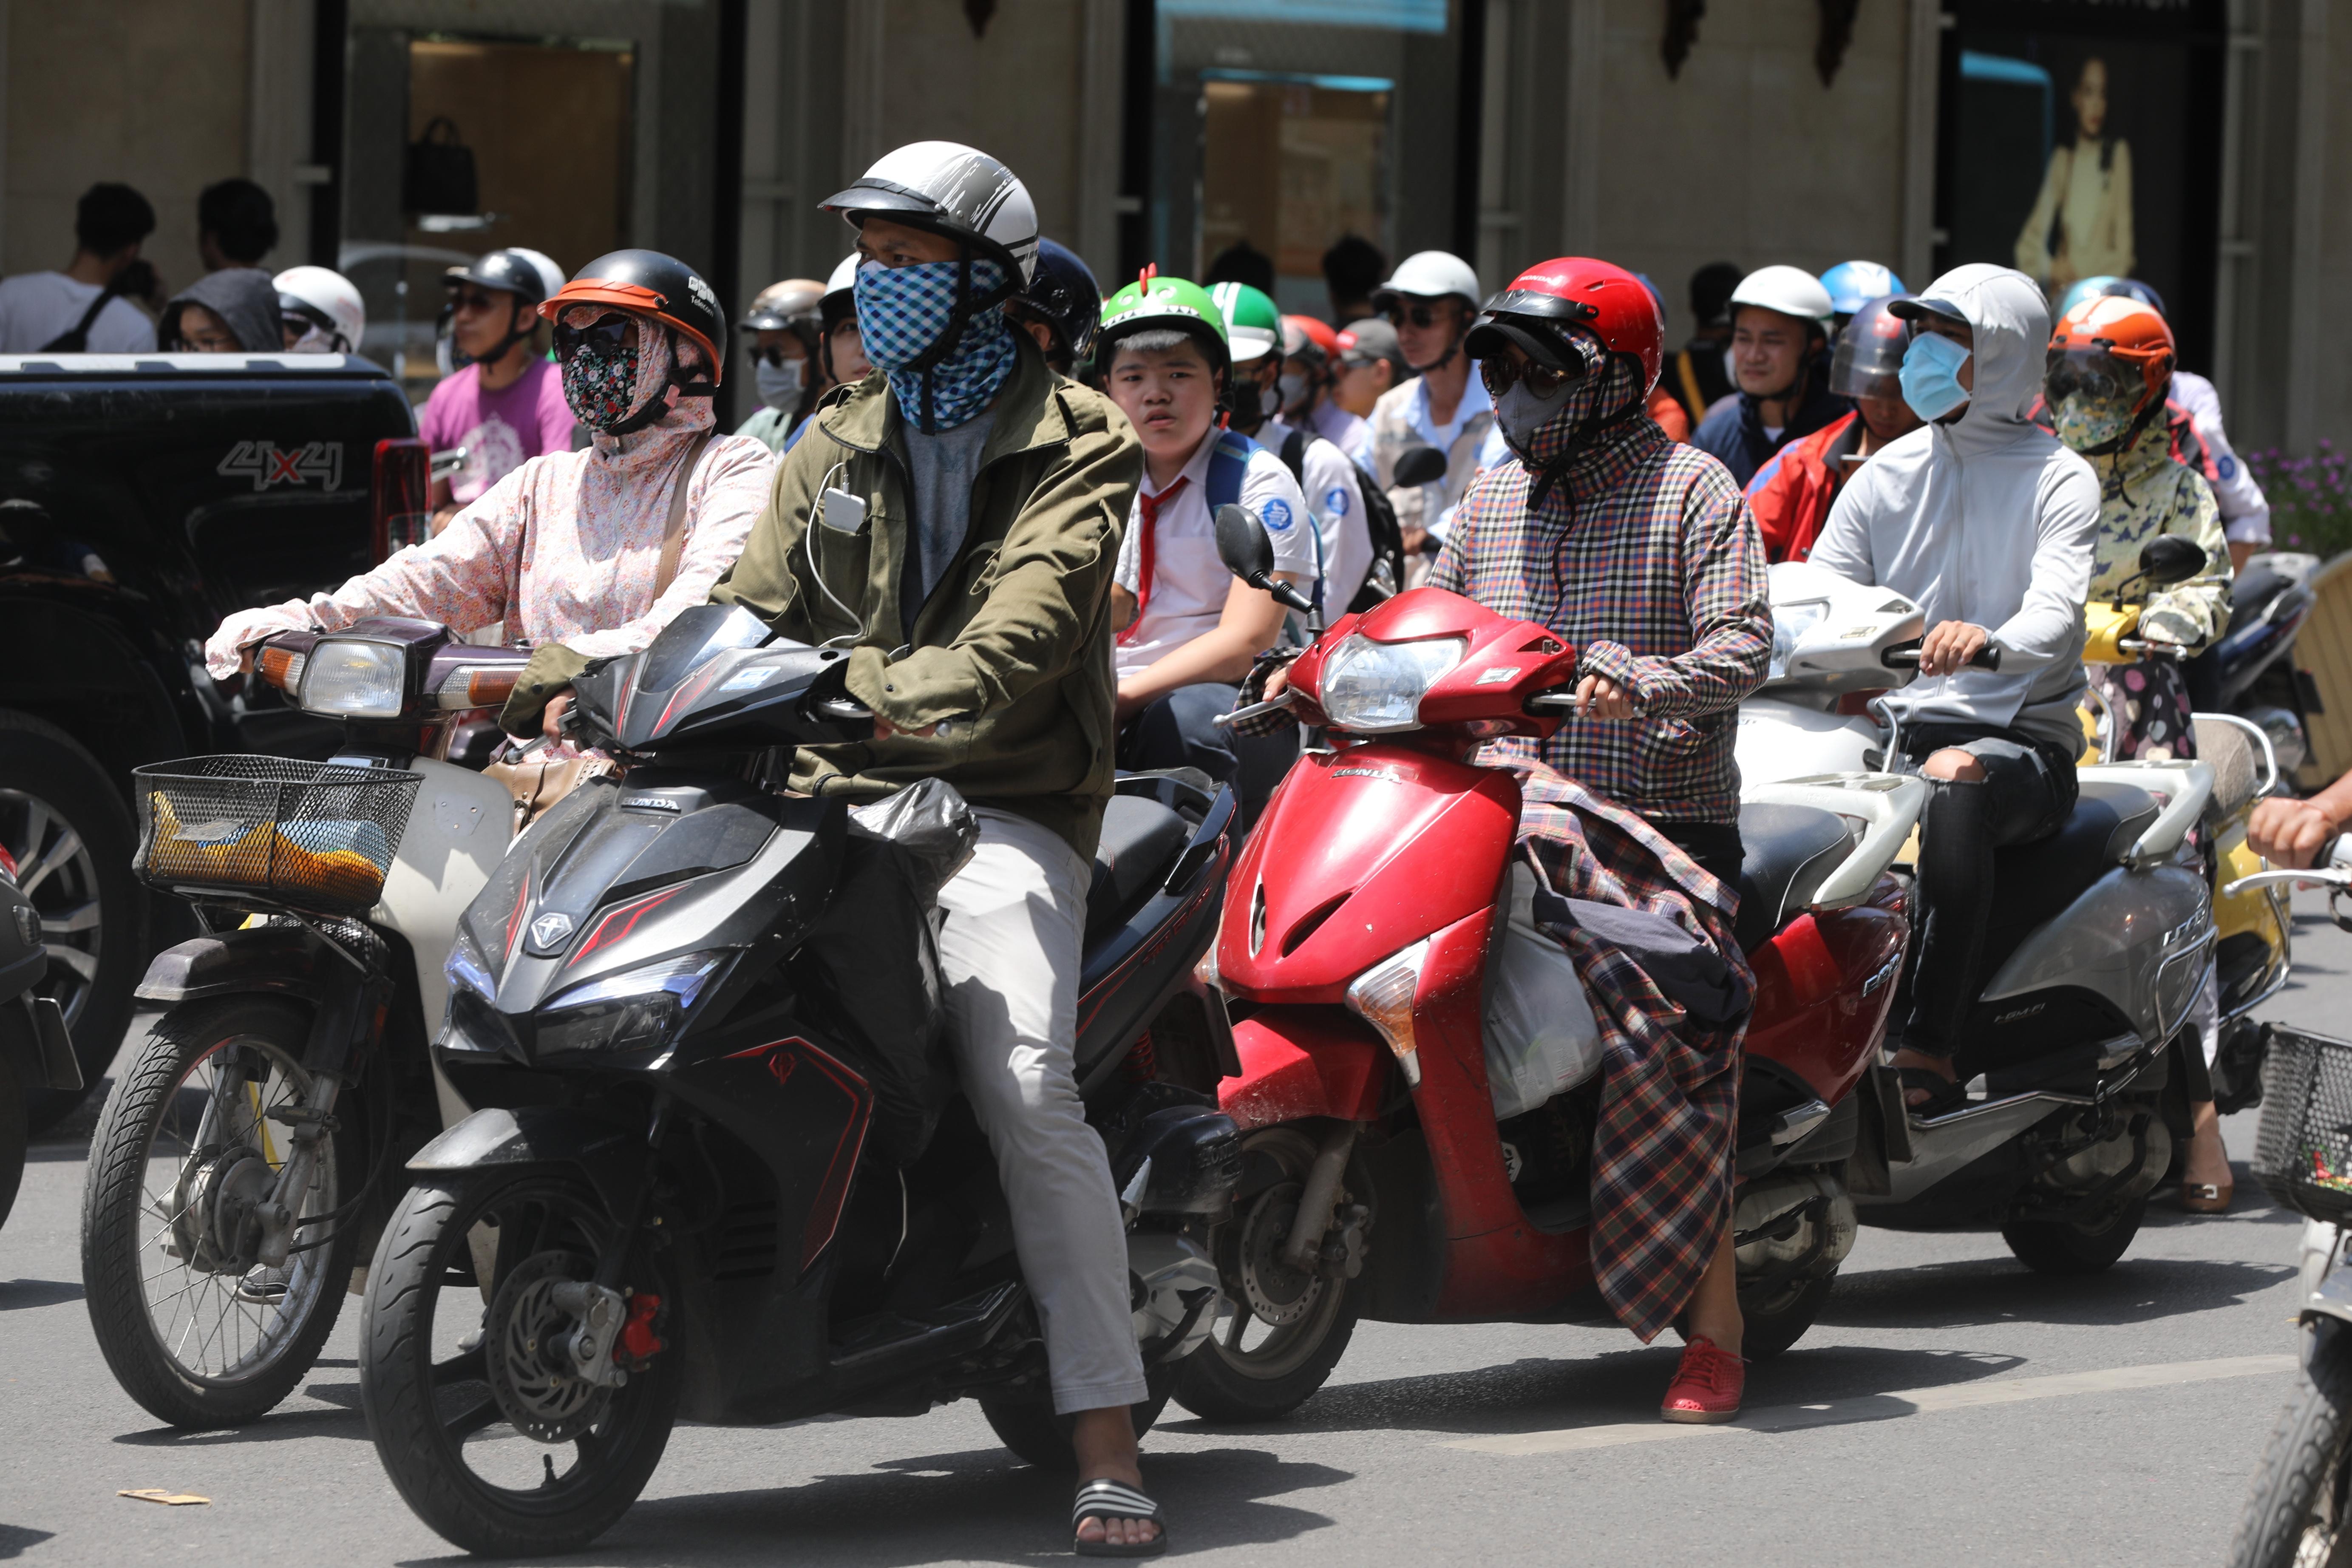 Người dân cần thực hiện nghiêm túc đeo khẩu trang khi ra nơi công cộng. Ảnh: Quang Vinh.